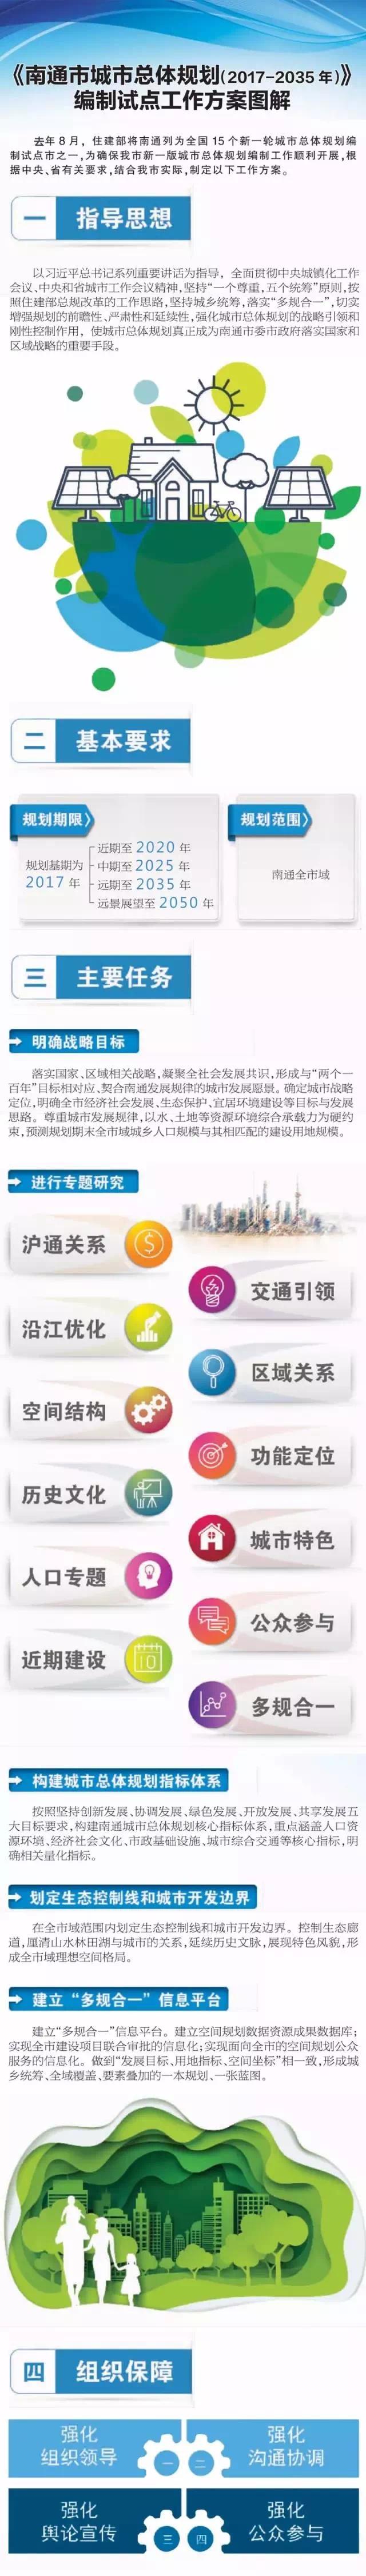 2035南通新版城市总规加快编制!未来南通城市规划,你怎么看